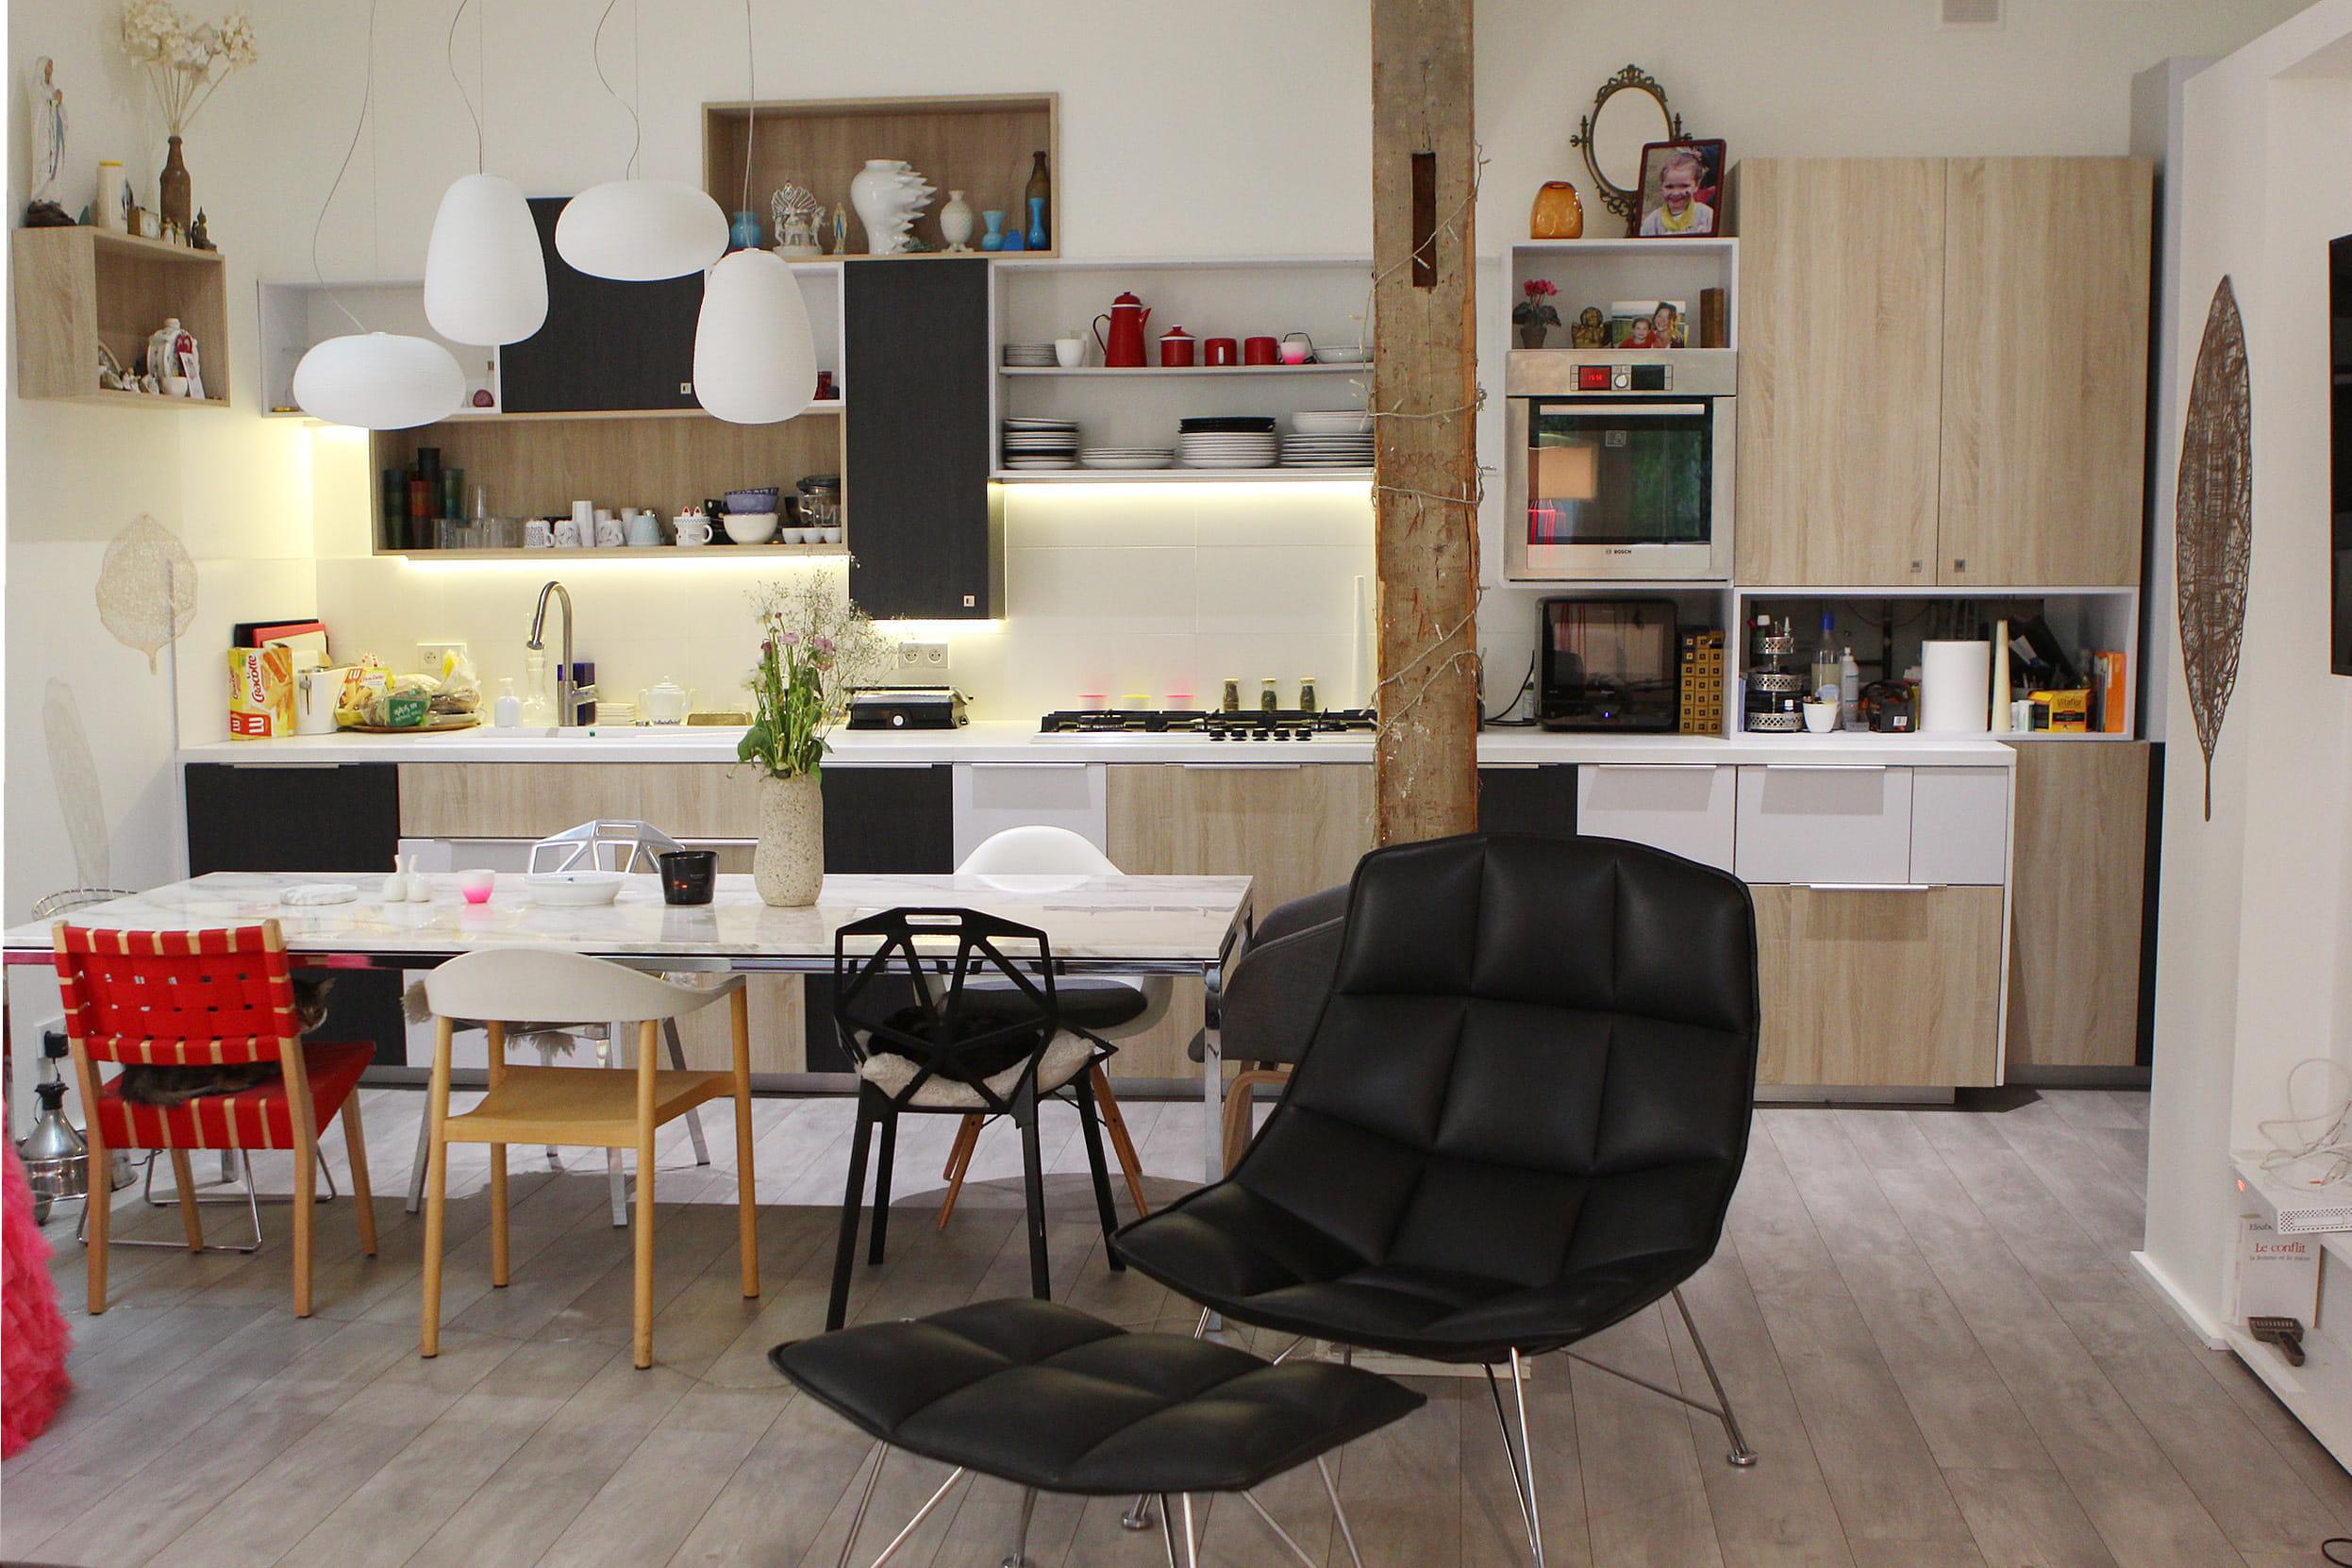 Cuisine Couleur Gris Ardoise: Id%C%Ae d%C%Aco cuisine. Peinture ...